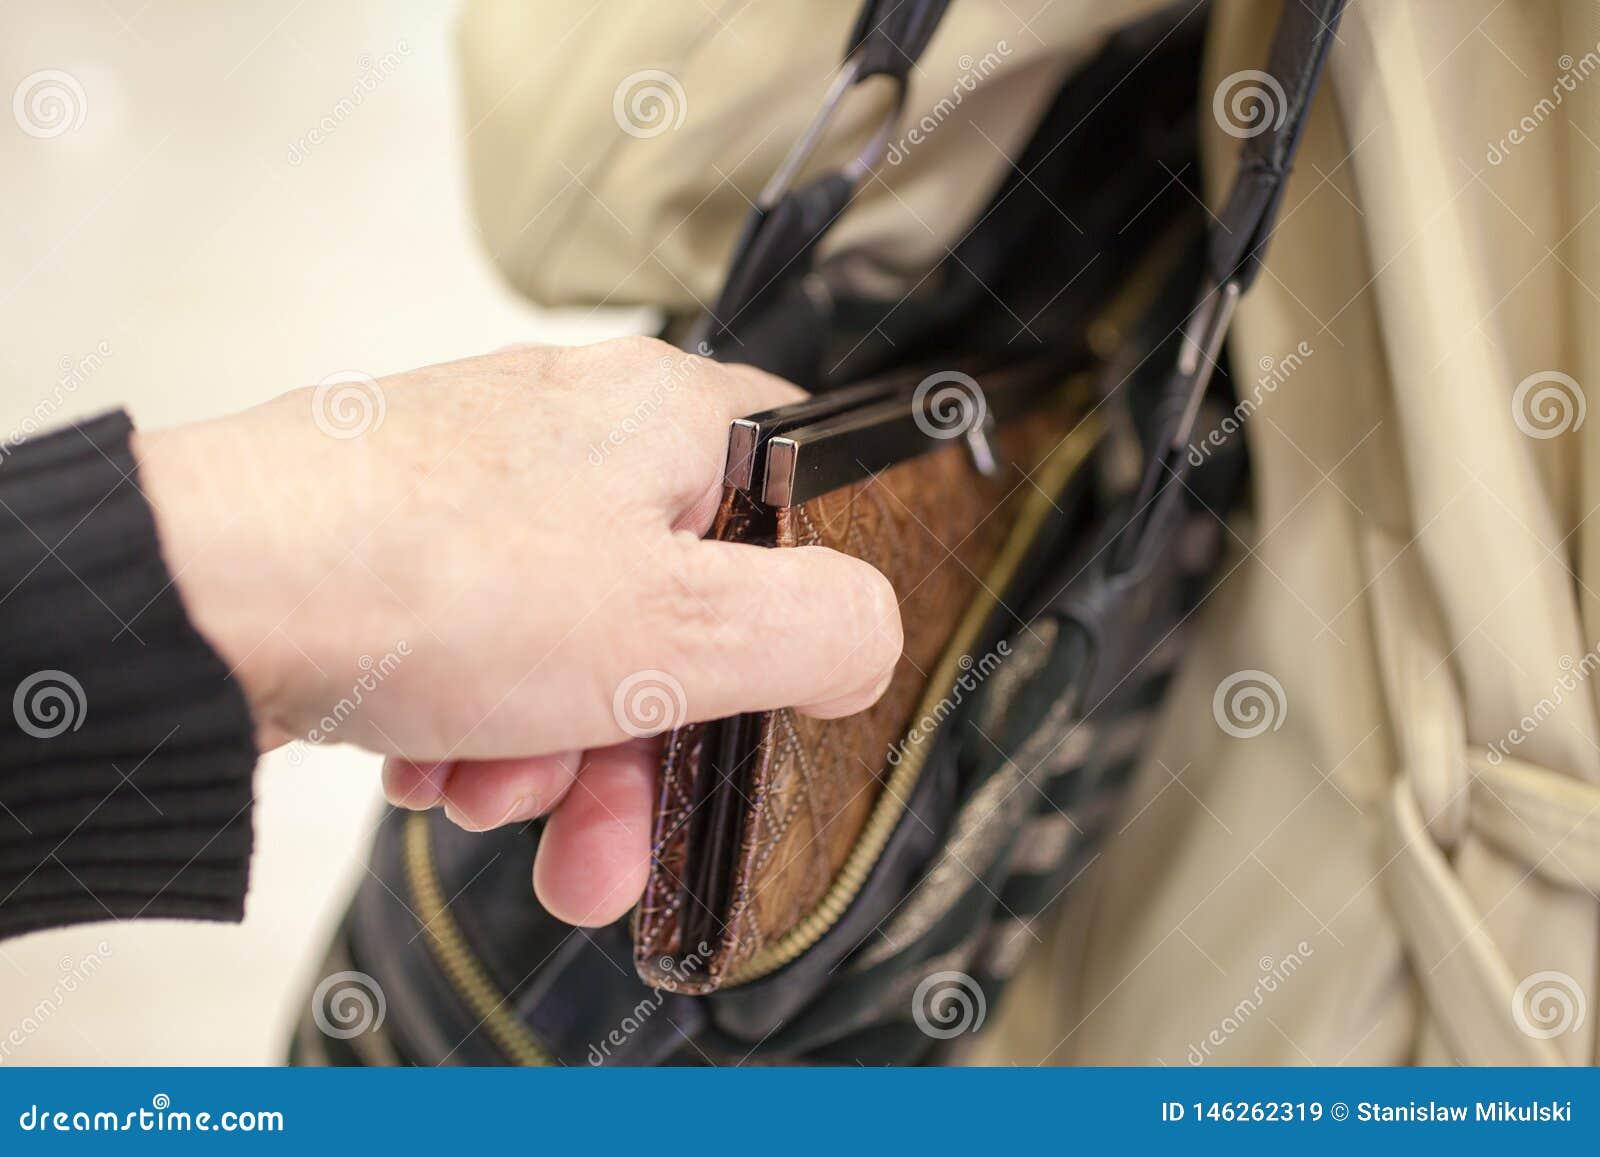 De zakkenrollerdief is stealing beurs van handtas